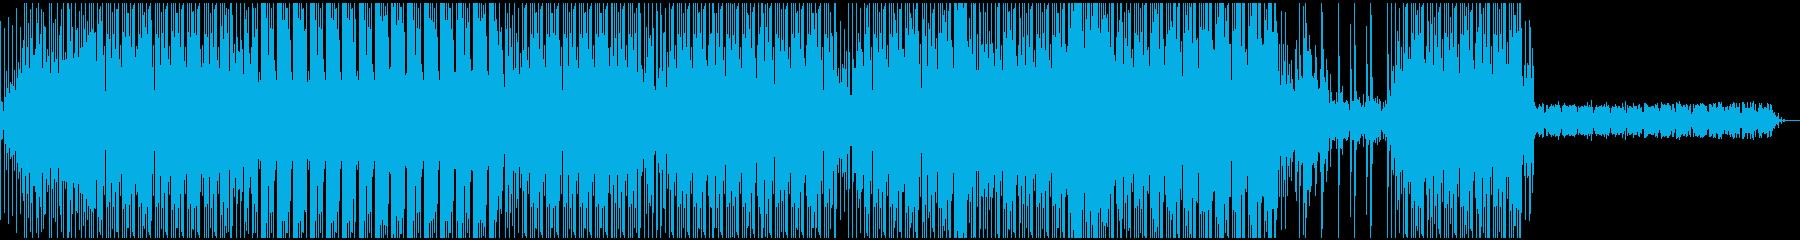 鈍く重たい感じのテクノサウンドEDMの再生済みの波形